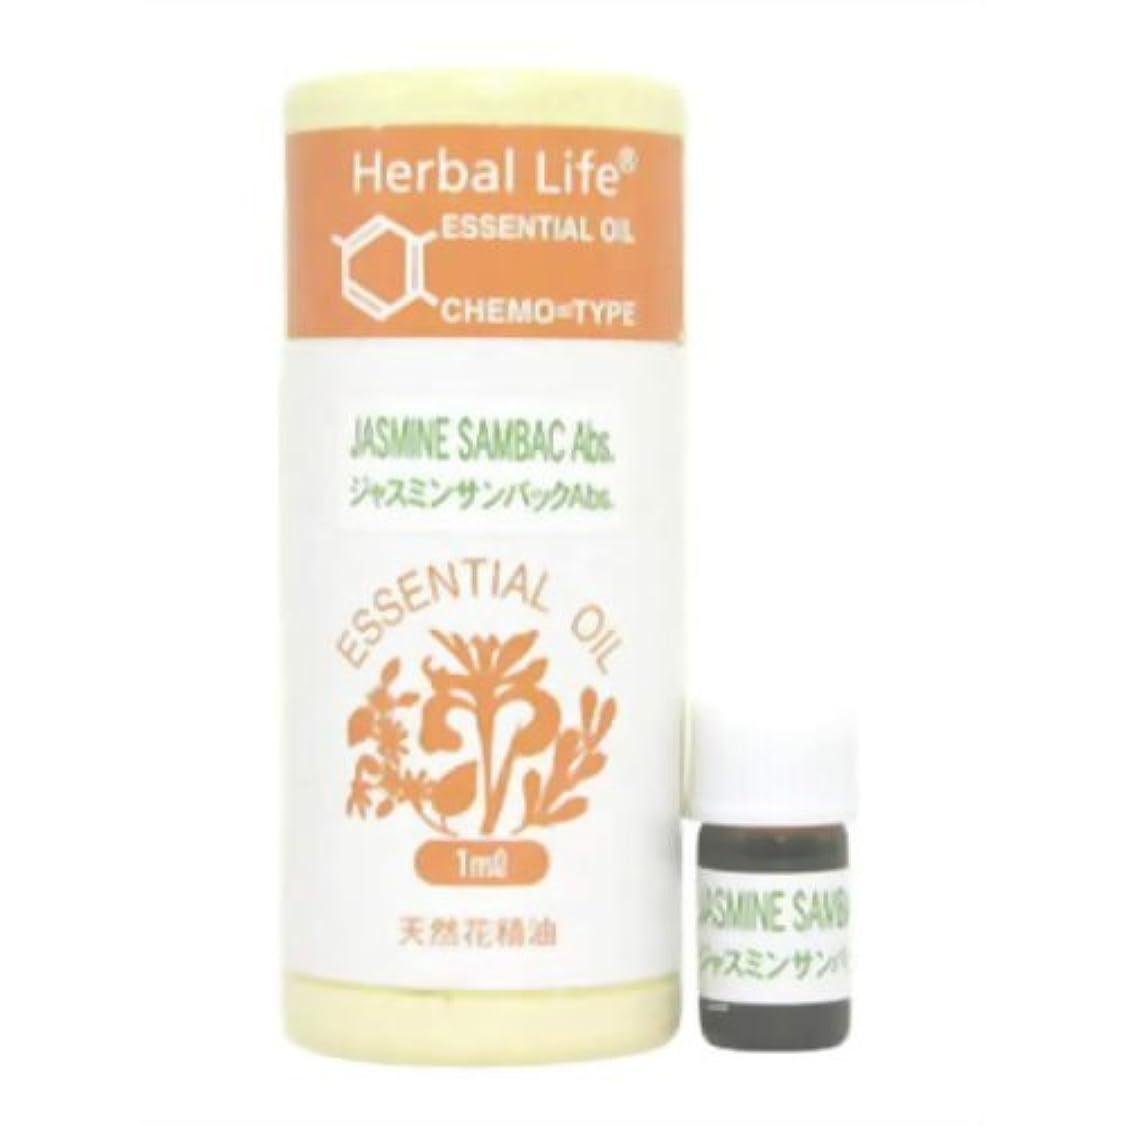 賞賛以上オン生活の木 Herbal Life ジャスミンサンバックAbs 1ml